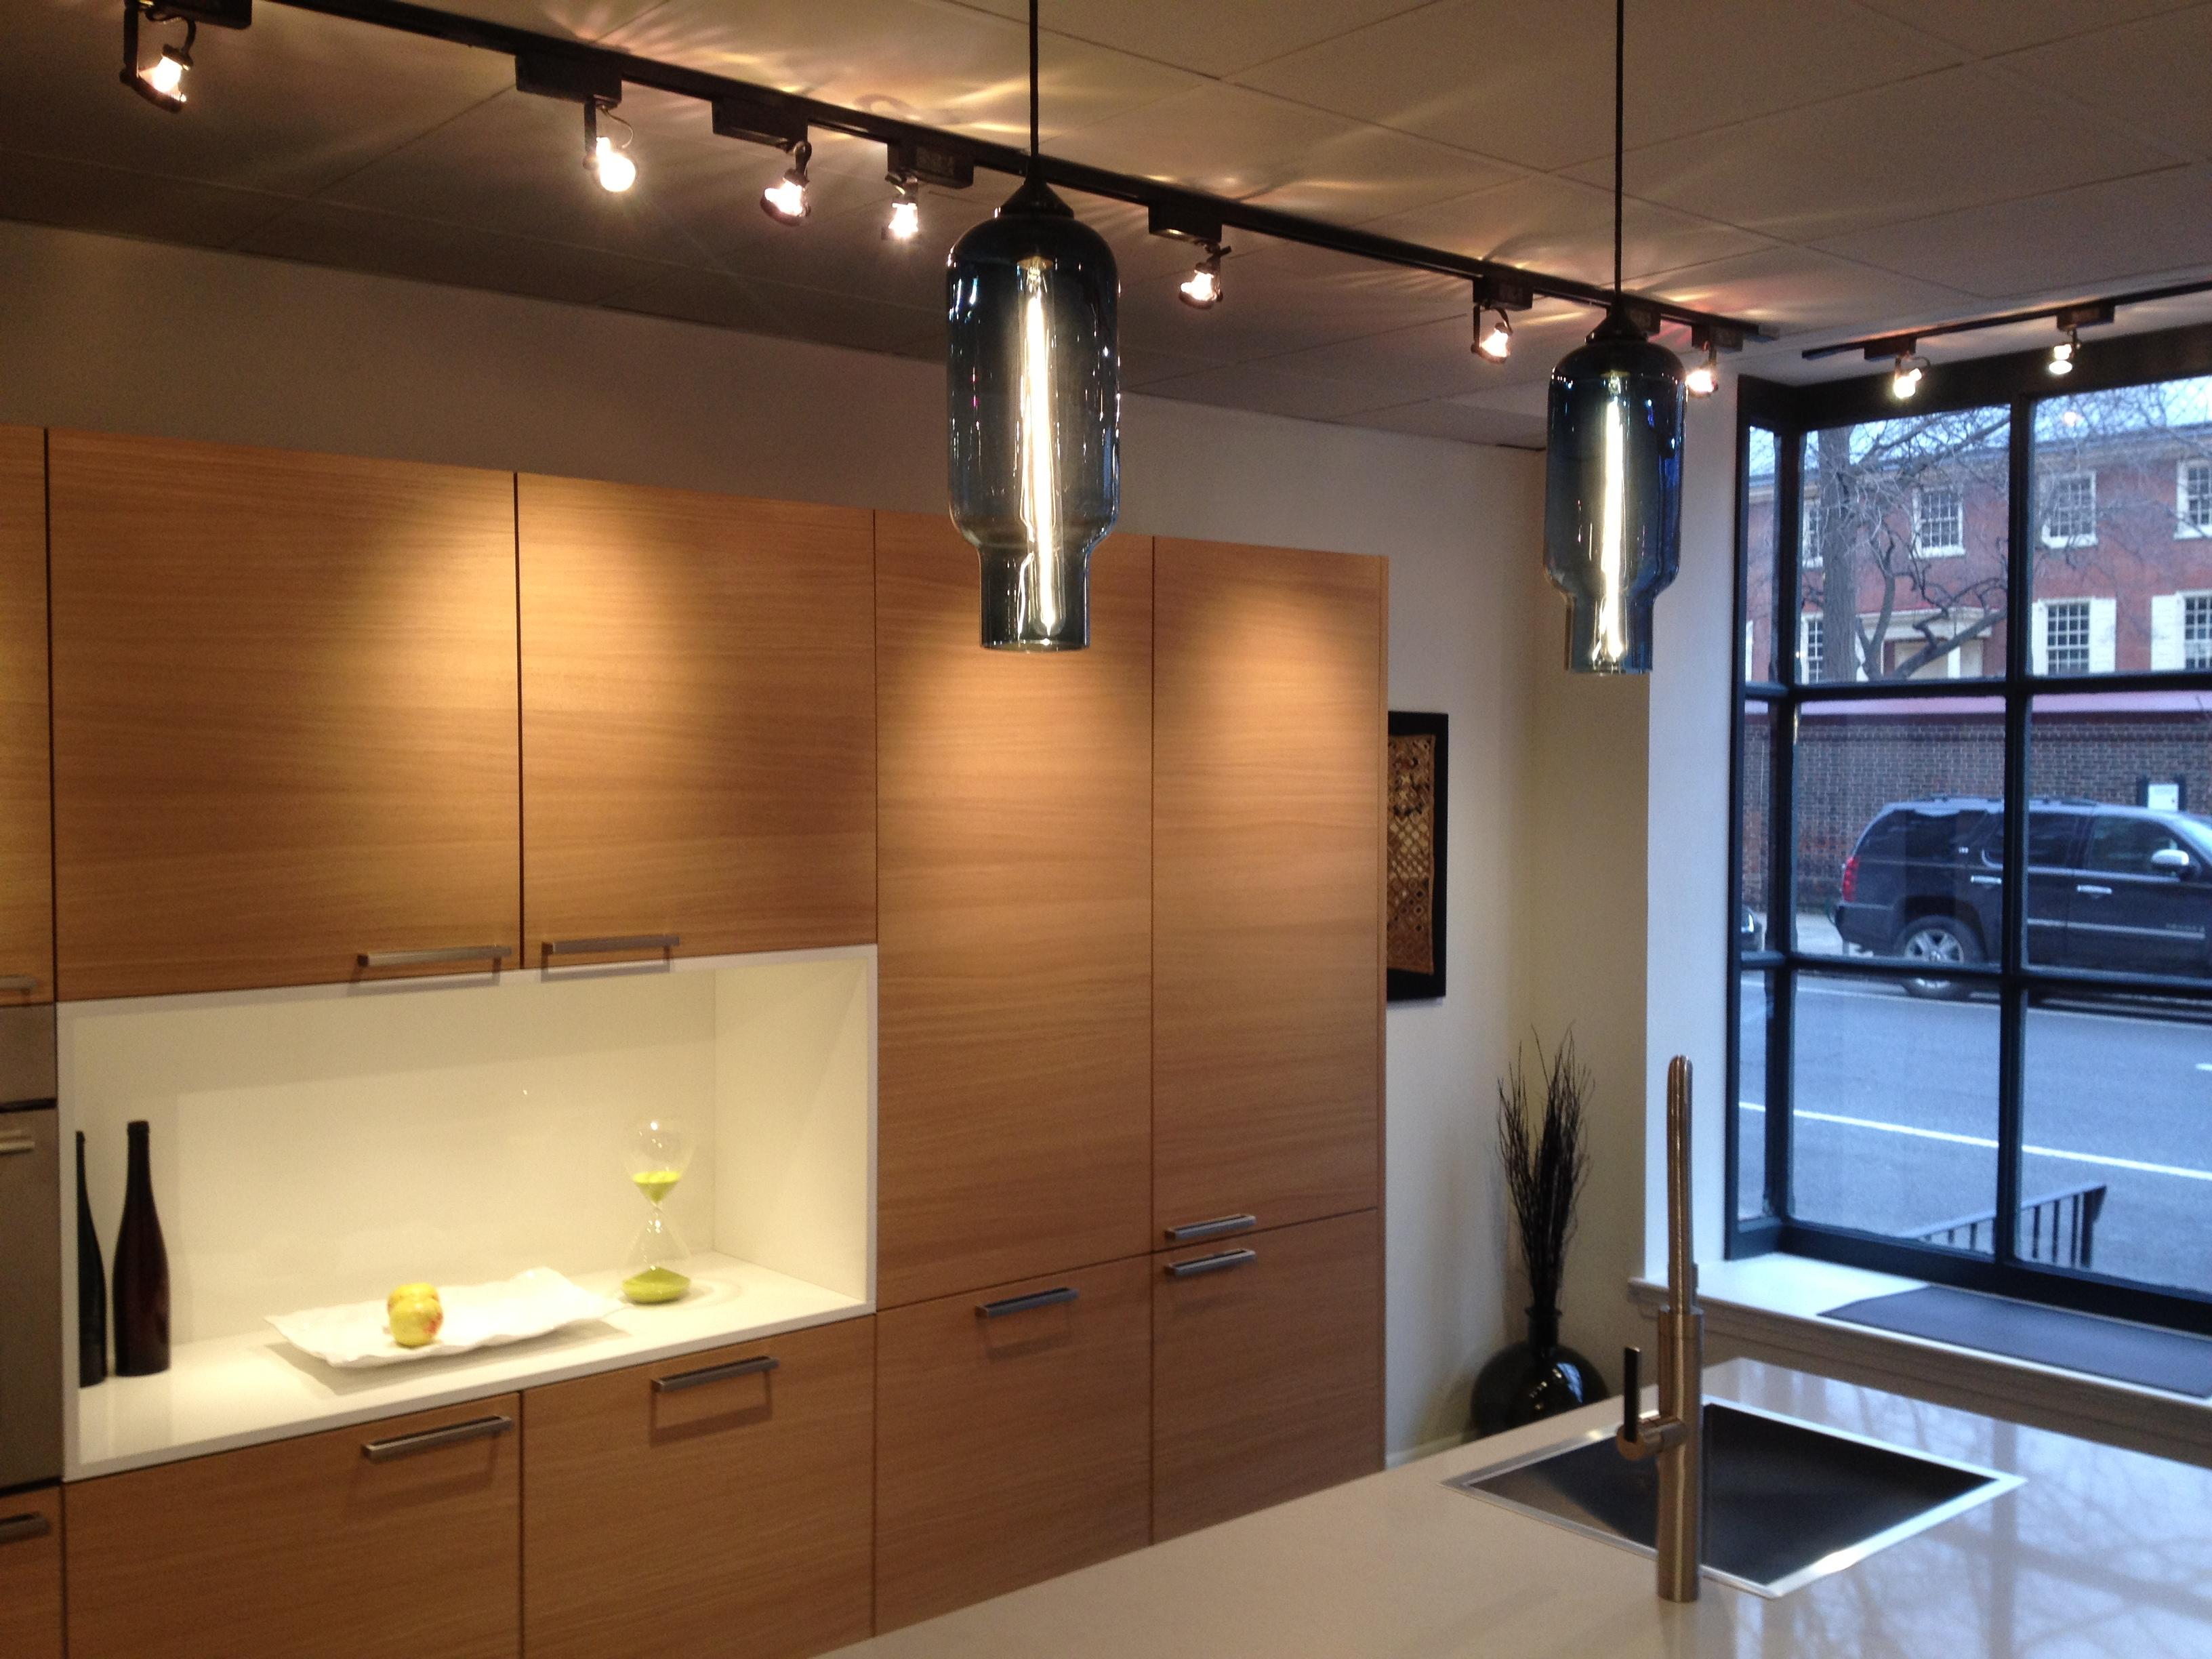 eggersmann studio philadelphia modern kitchen pendant lights Two Pharos Pendant Lights over the Kitchen Counter of Eggersmann Studio in Philadelphia